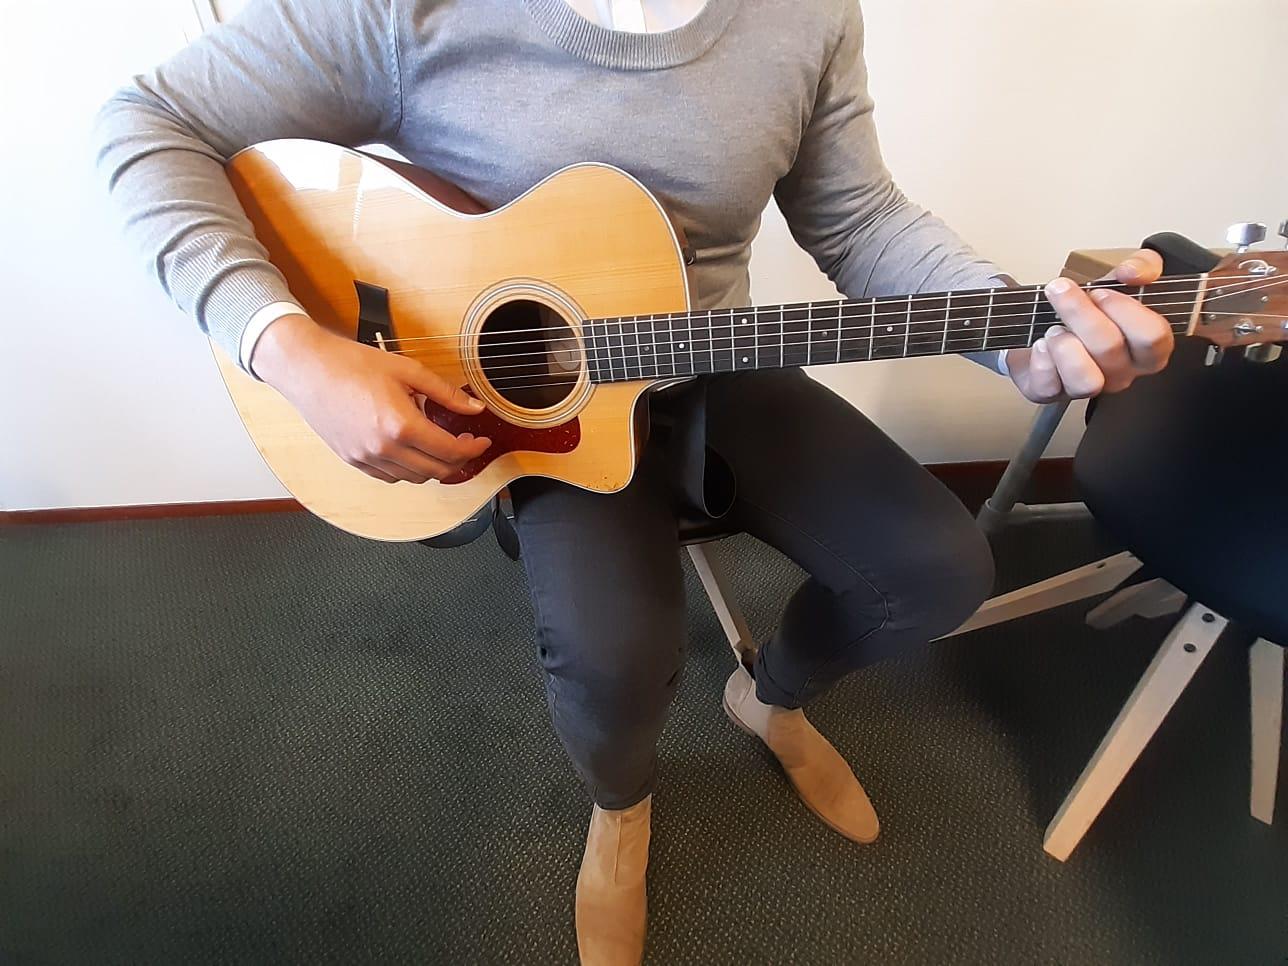 Hoe houd je een gitaar vast